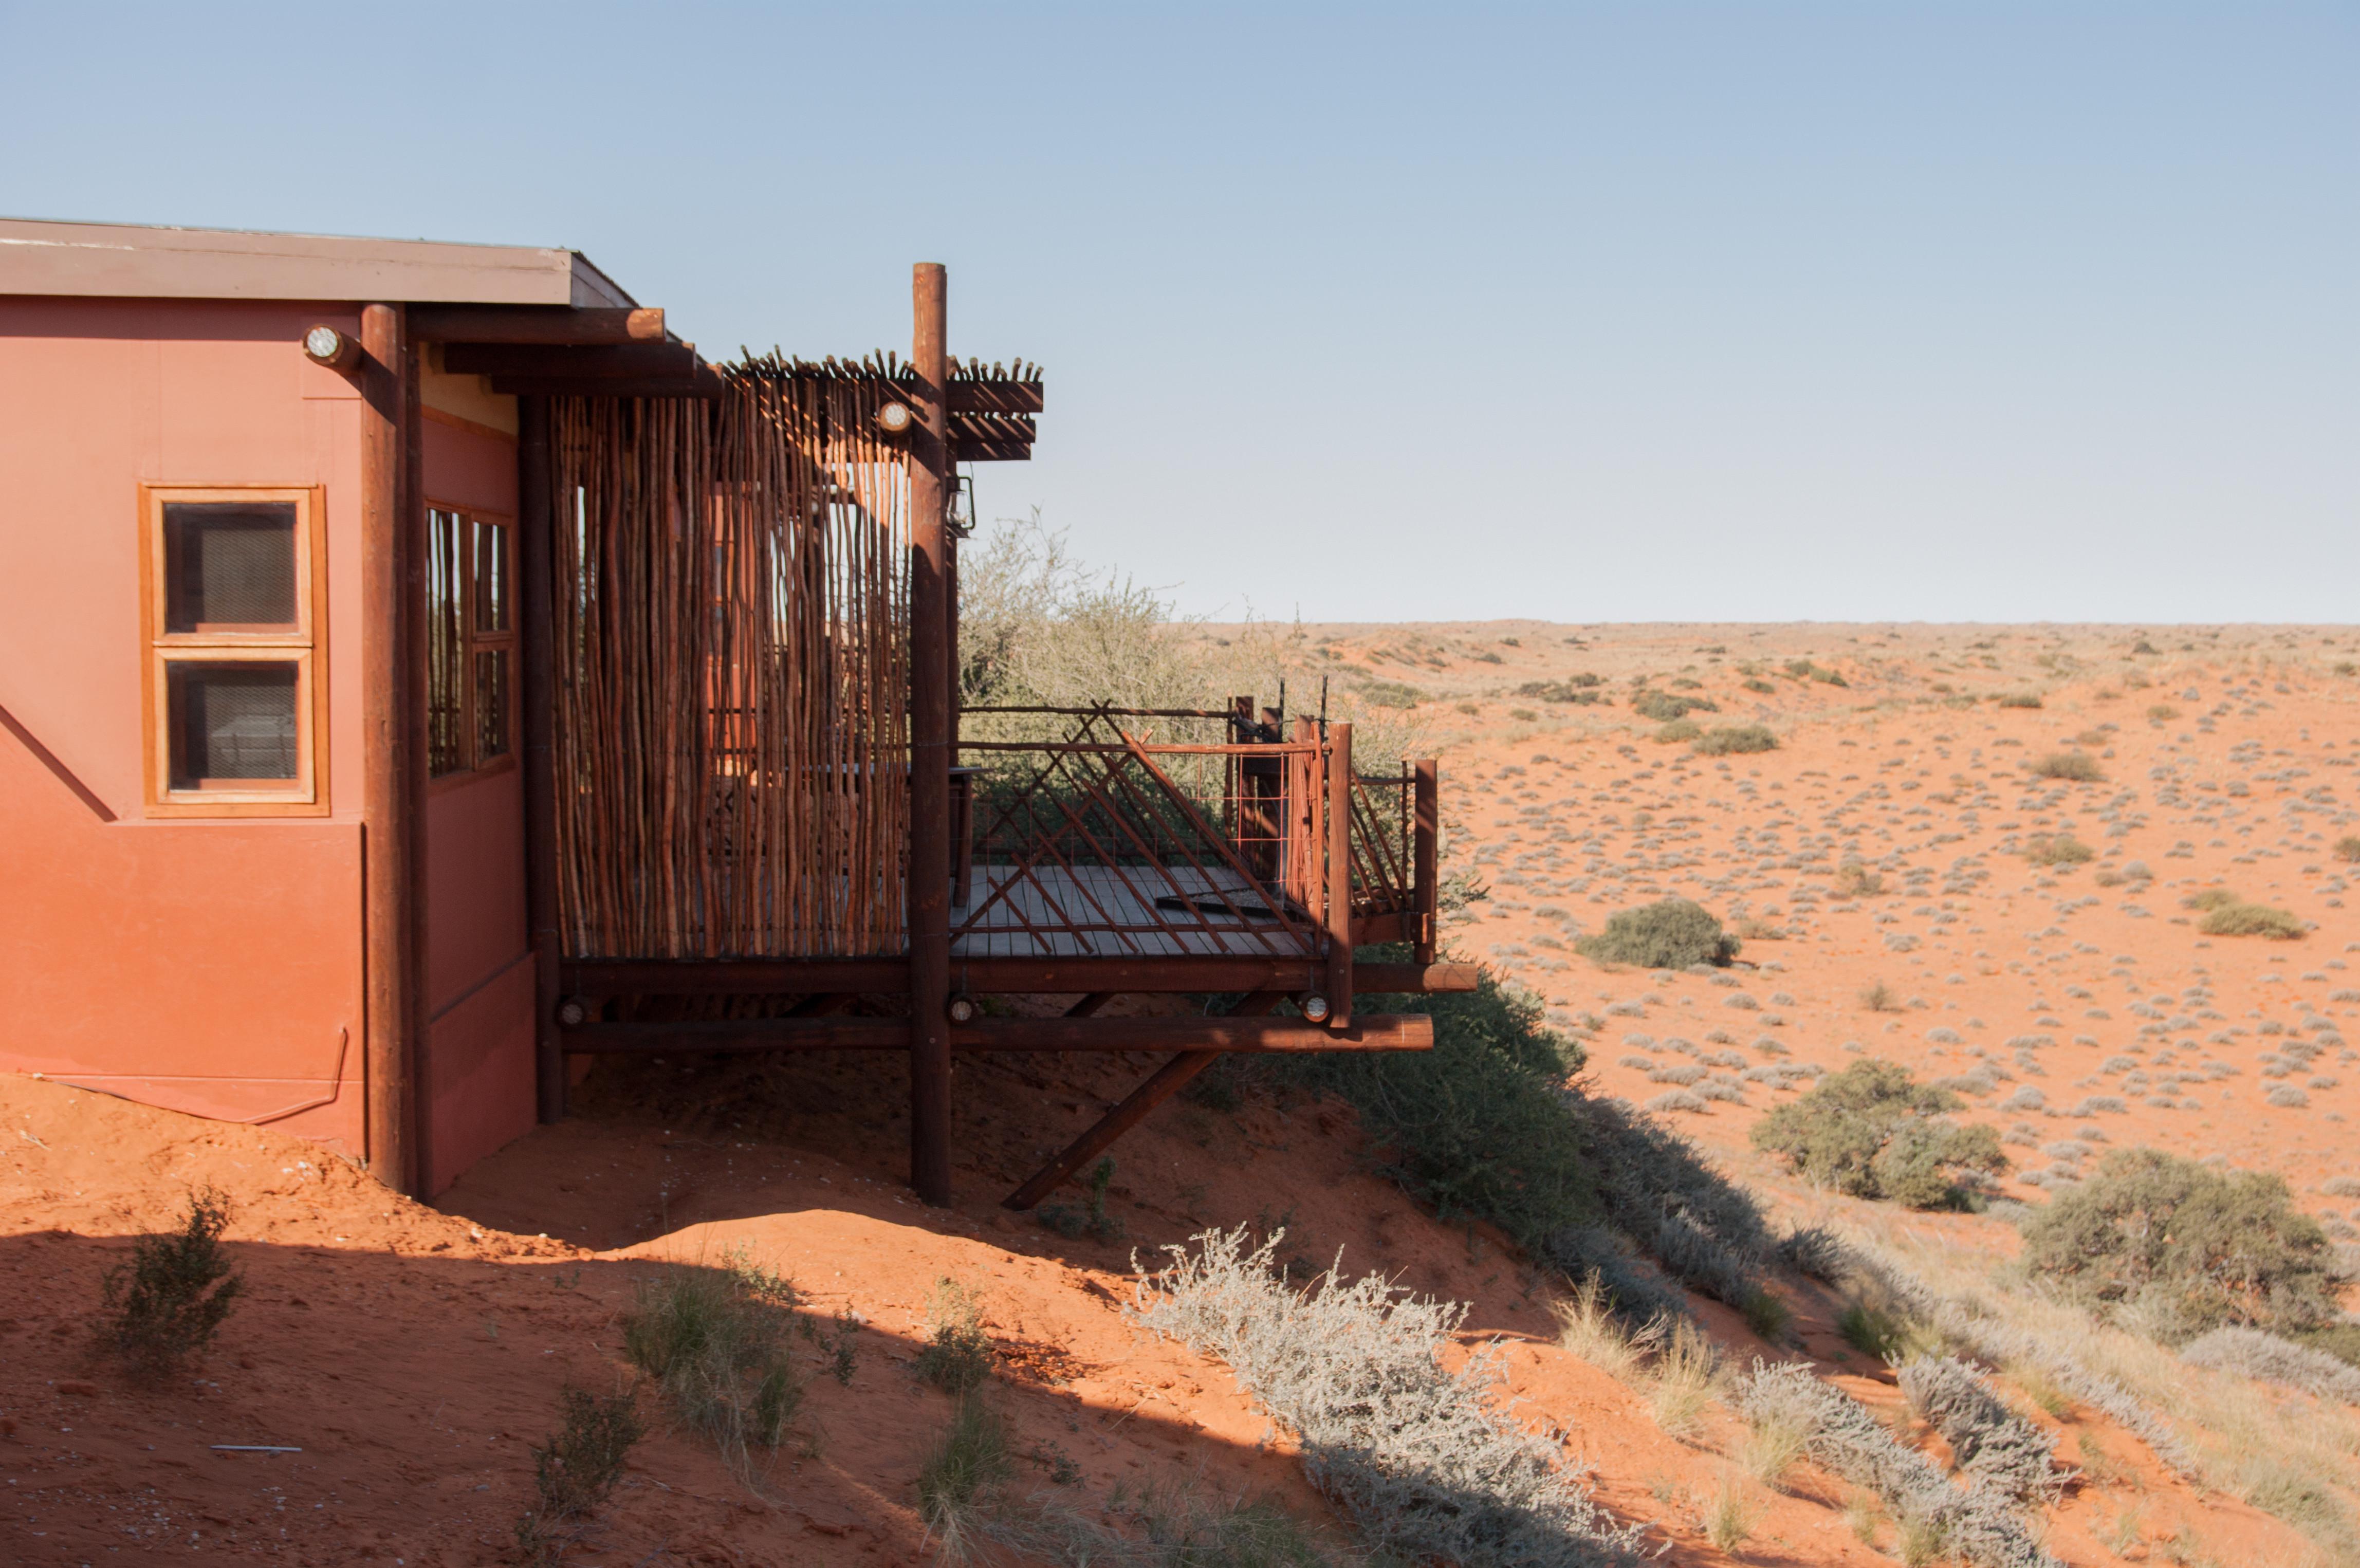 Cabin in Kielikrankie Wilderness Restcamp met prachtig uitzicht over de Kalahari dessert.